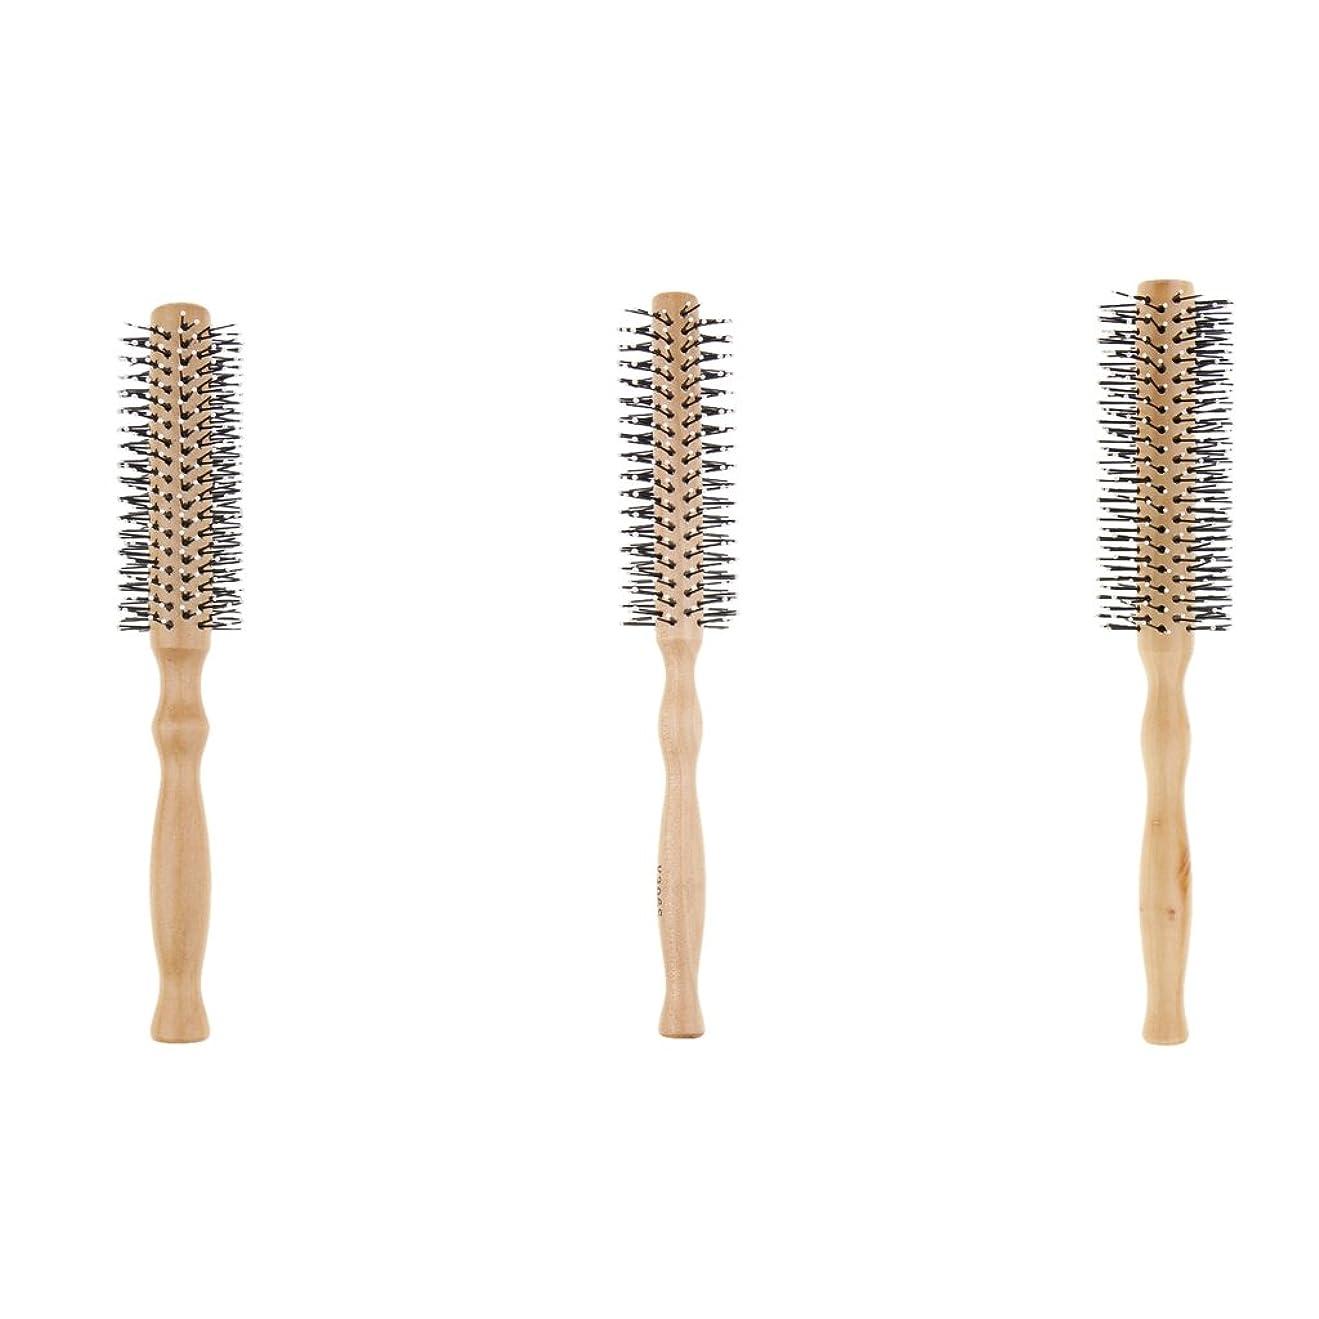 アカデミックフィットタイピストPerfeclan 3本セット ロールブラシ ヘアブラシ 木製櫛 スタイリングブラシ 巻き髪 静電気防止